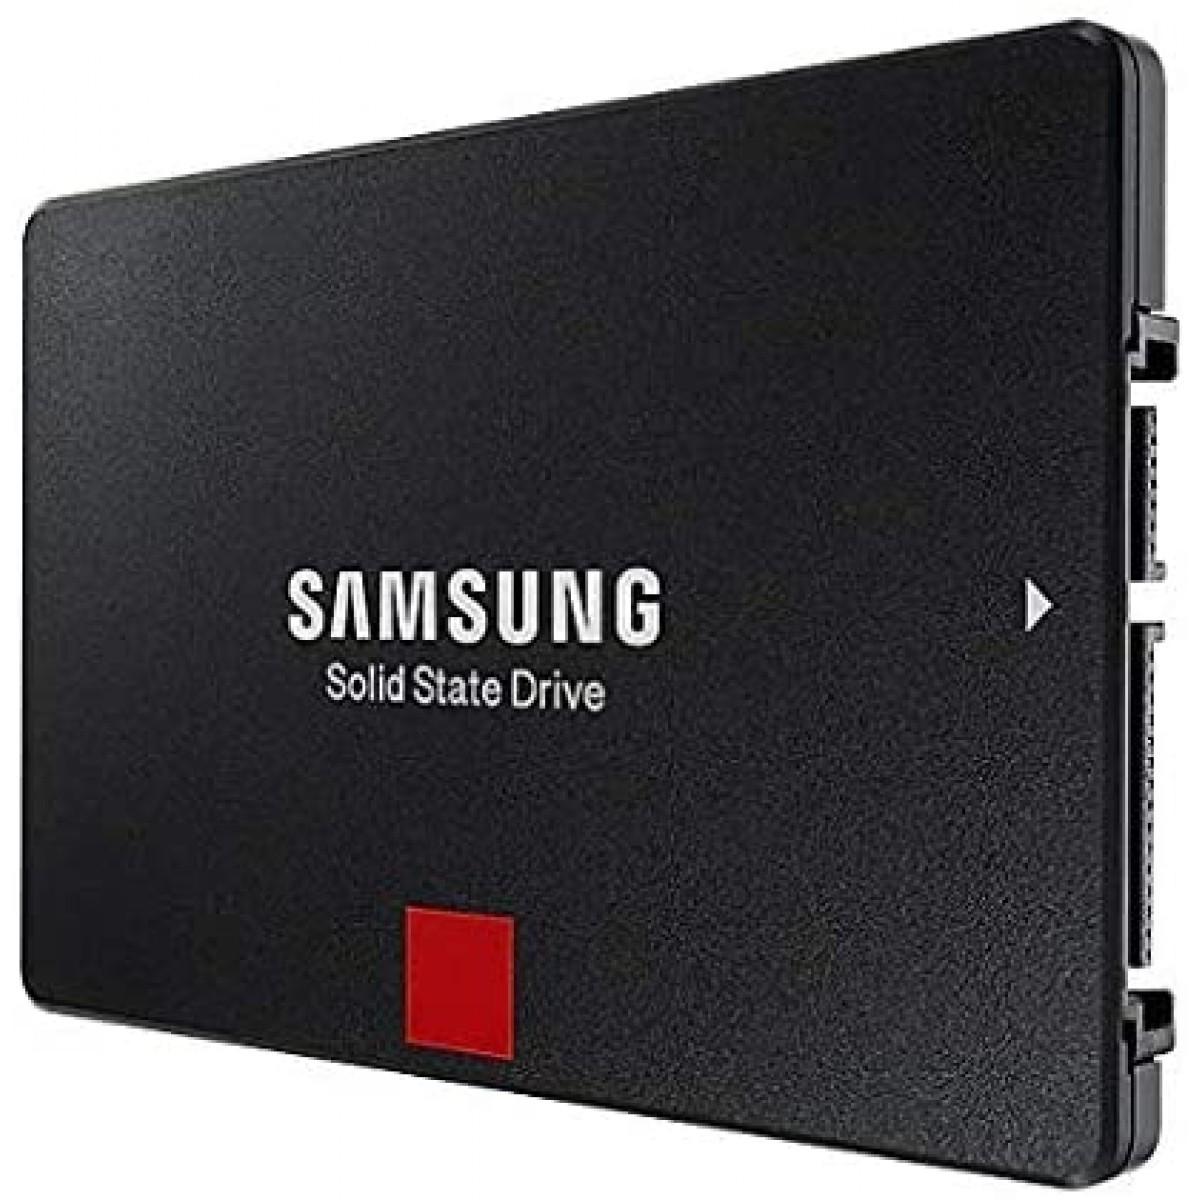 SSD Samsung 860 PRO, 2TB, Sata III, MZ-76P2T0E